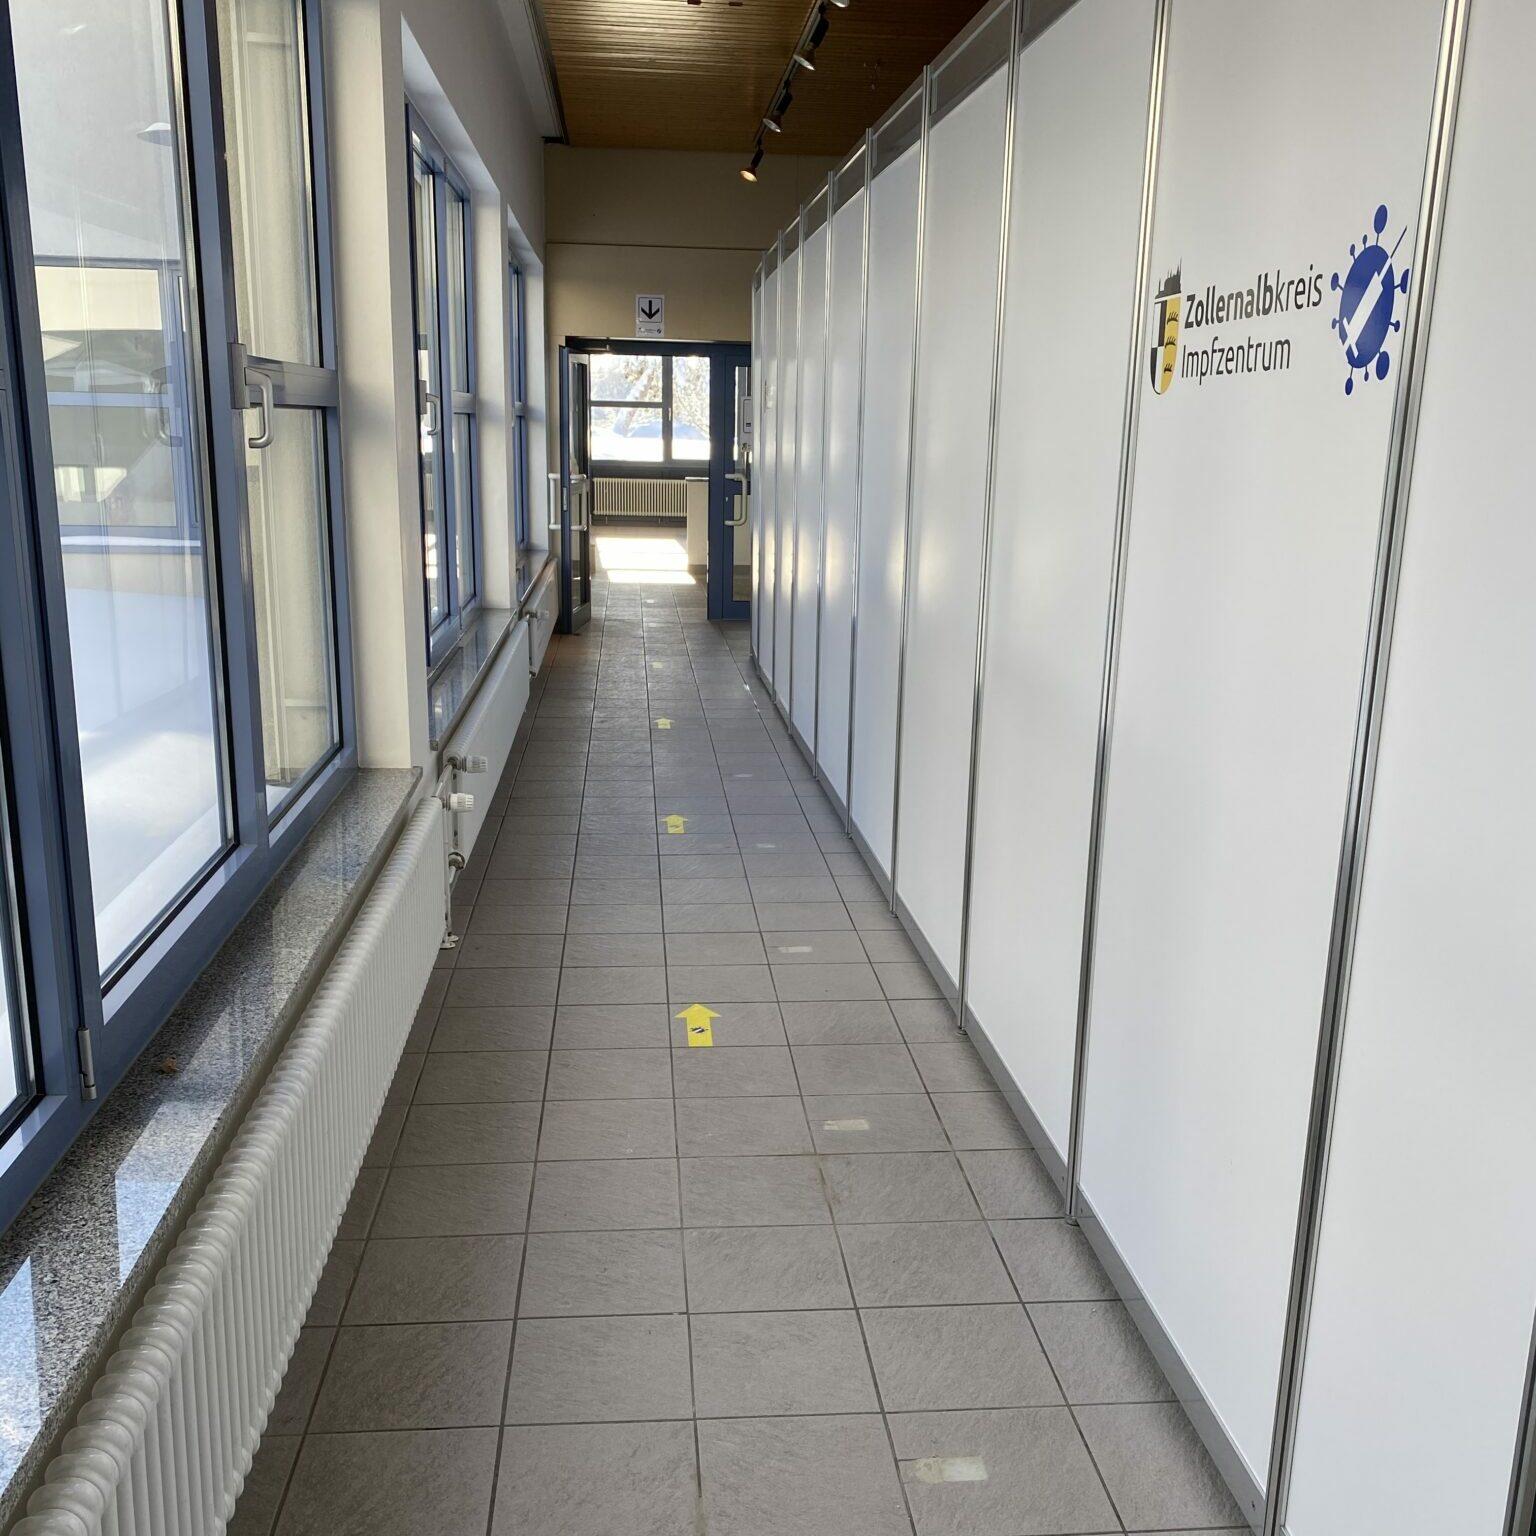 Schnelle Wege, klare Markierungen und Einbahnstraßen sorgen im Kreisimpfzentrum Meßstetten für schnellen Durchlauf und den nötigen Abstand.